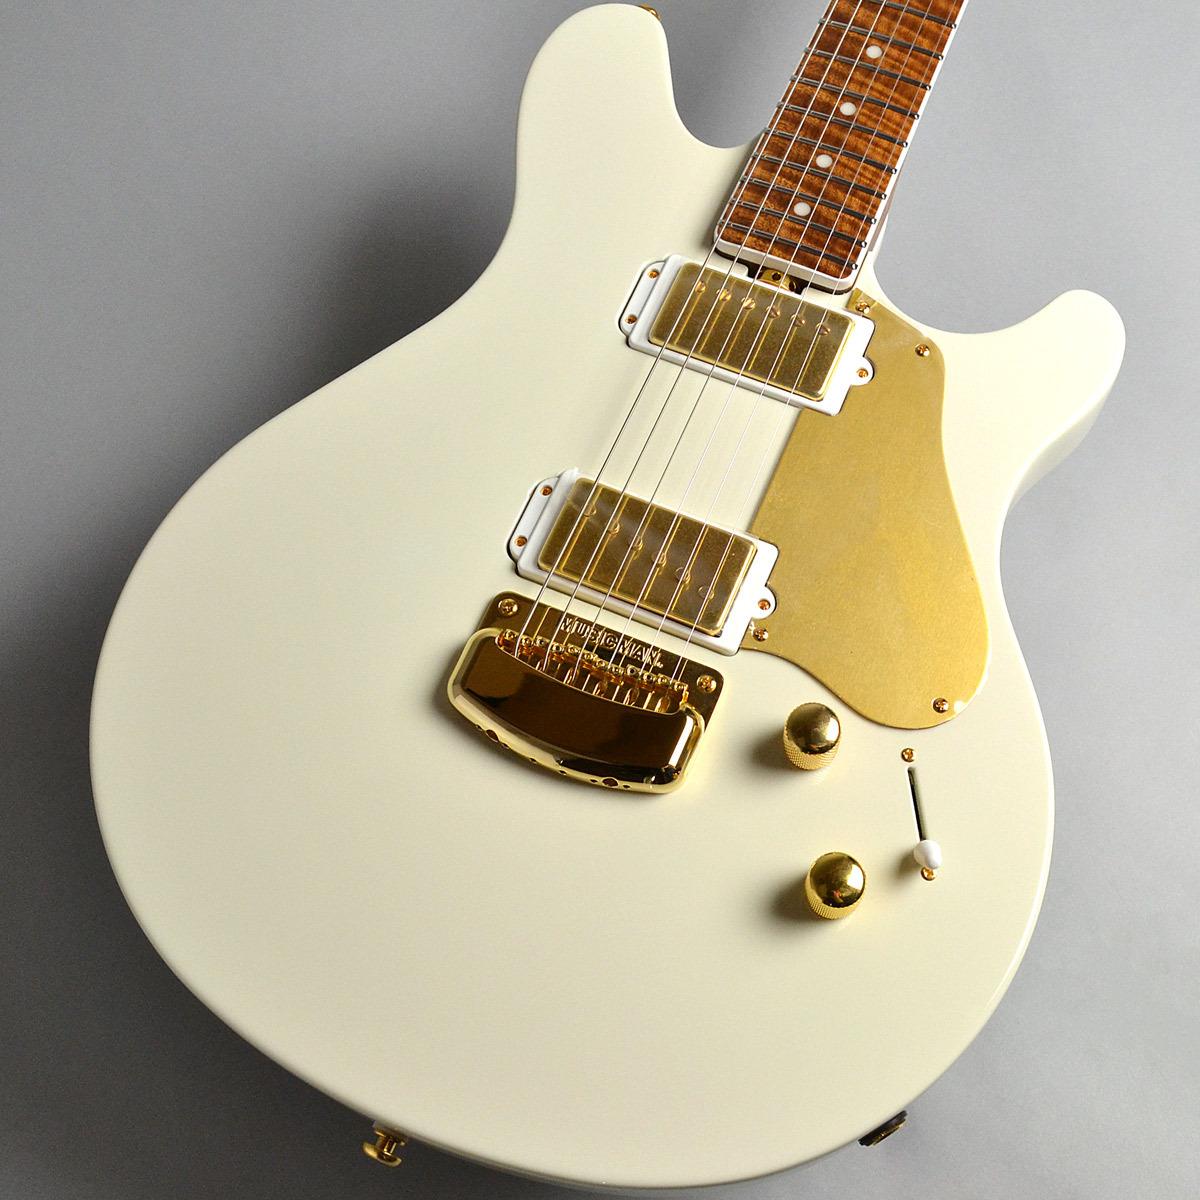 MUSICMAN Limited Edition BFR Valentine Ivory White ジェームス・ヴァレンタイン・シグネチャーモデル 【ミュージックマン】【サイン入り限定モデル】